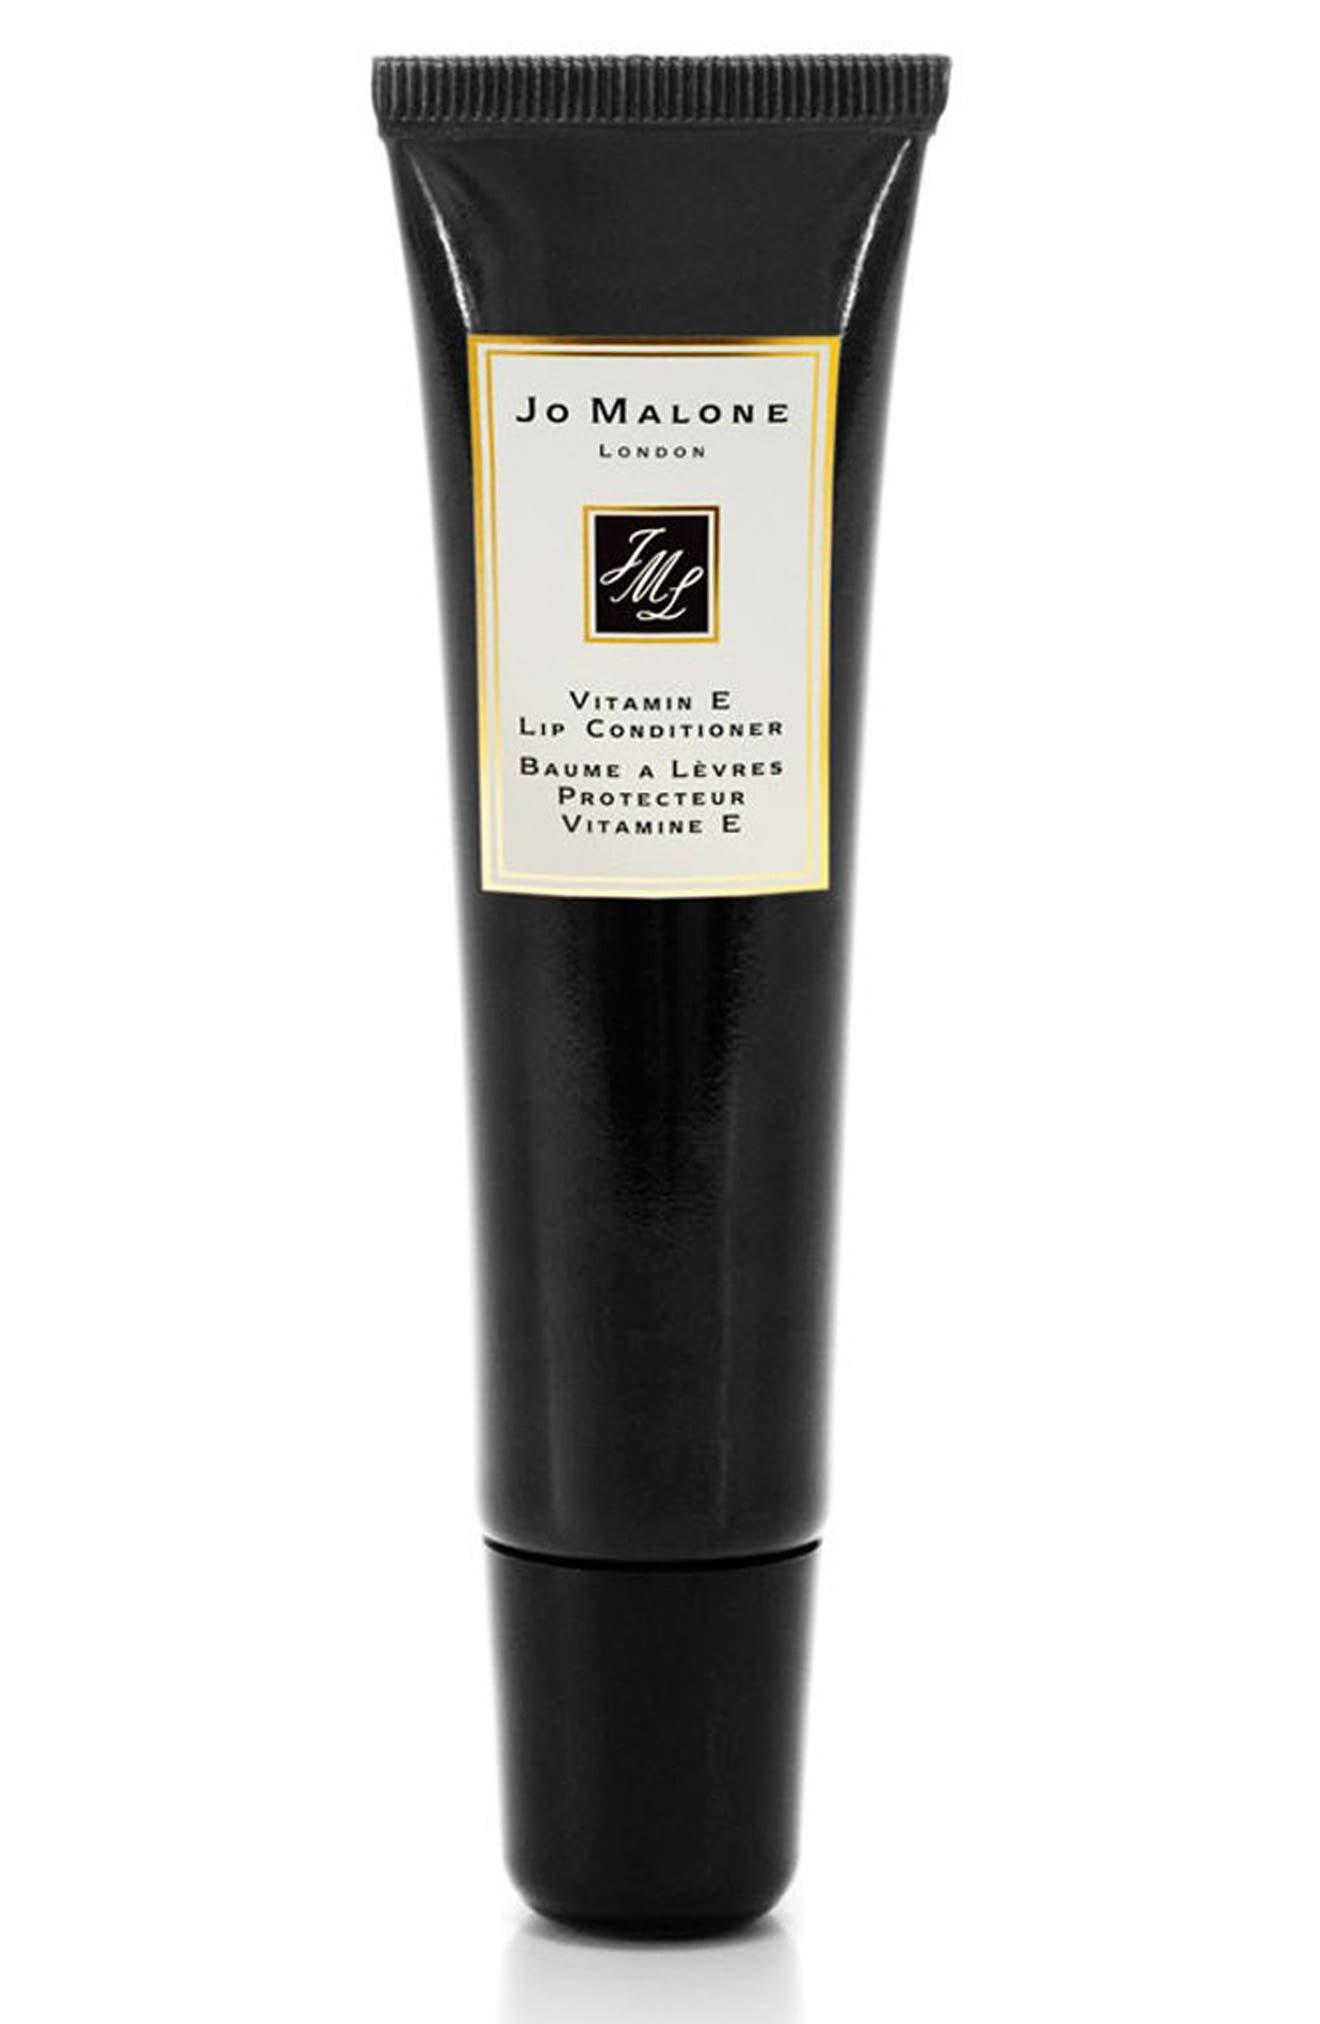 Jo Malone London(TM) Vitamin E Lip Conditioner